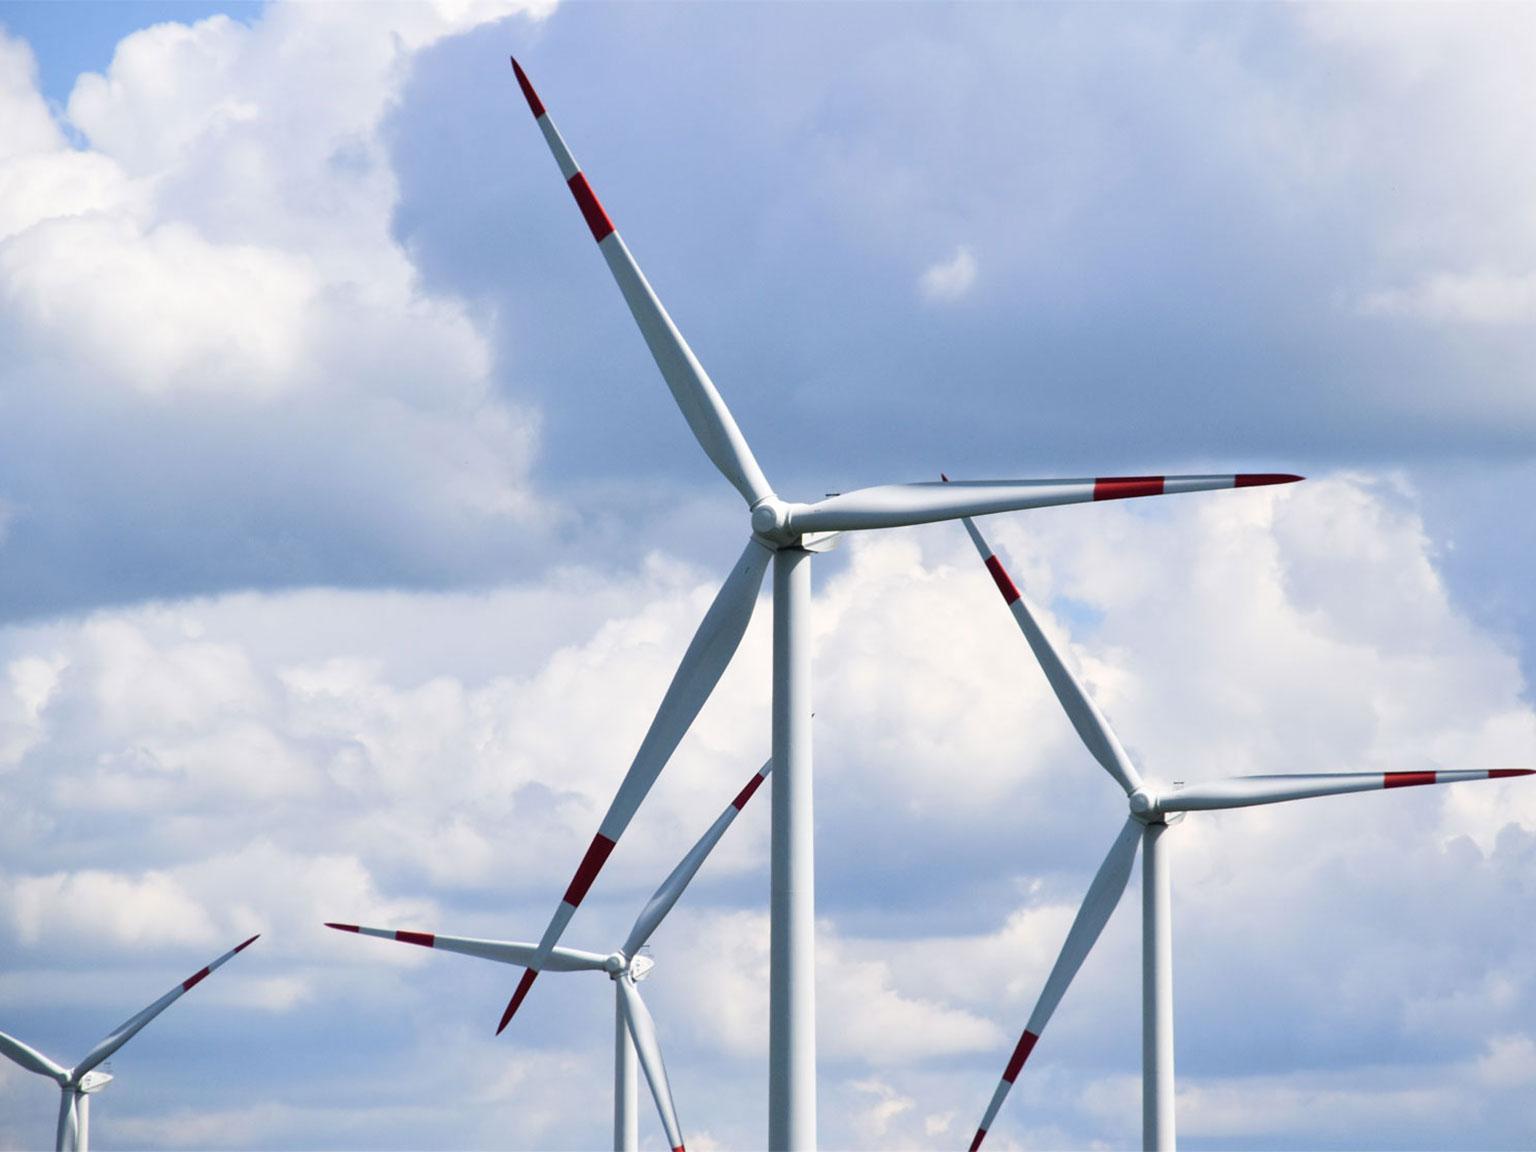 Os recursos serão destinados a projetos de energia eólica financiados pelo Fundo de Desenvolvimento do Nordeste.